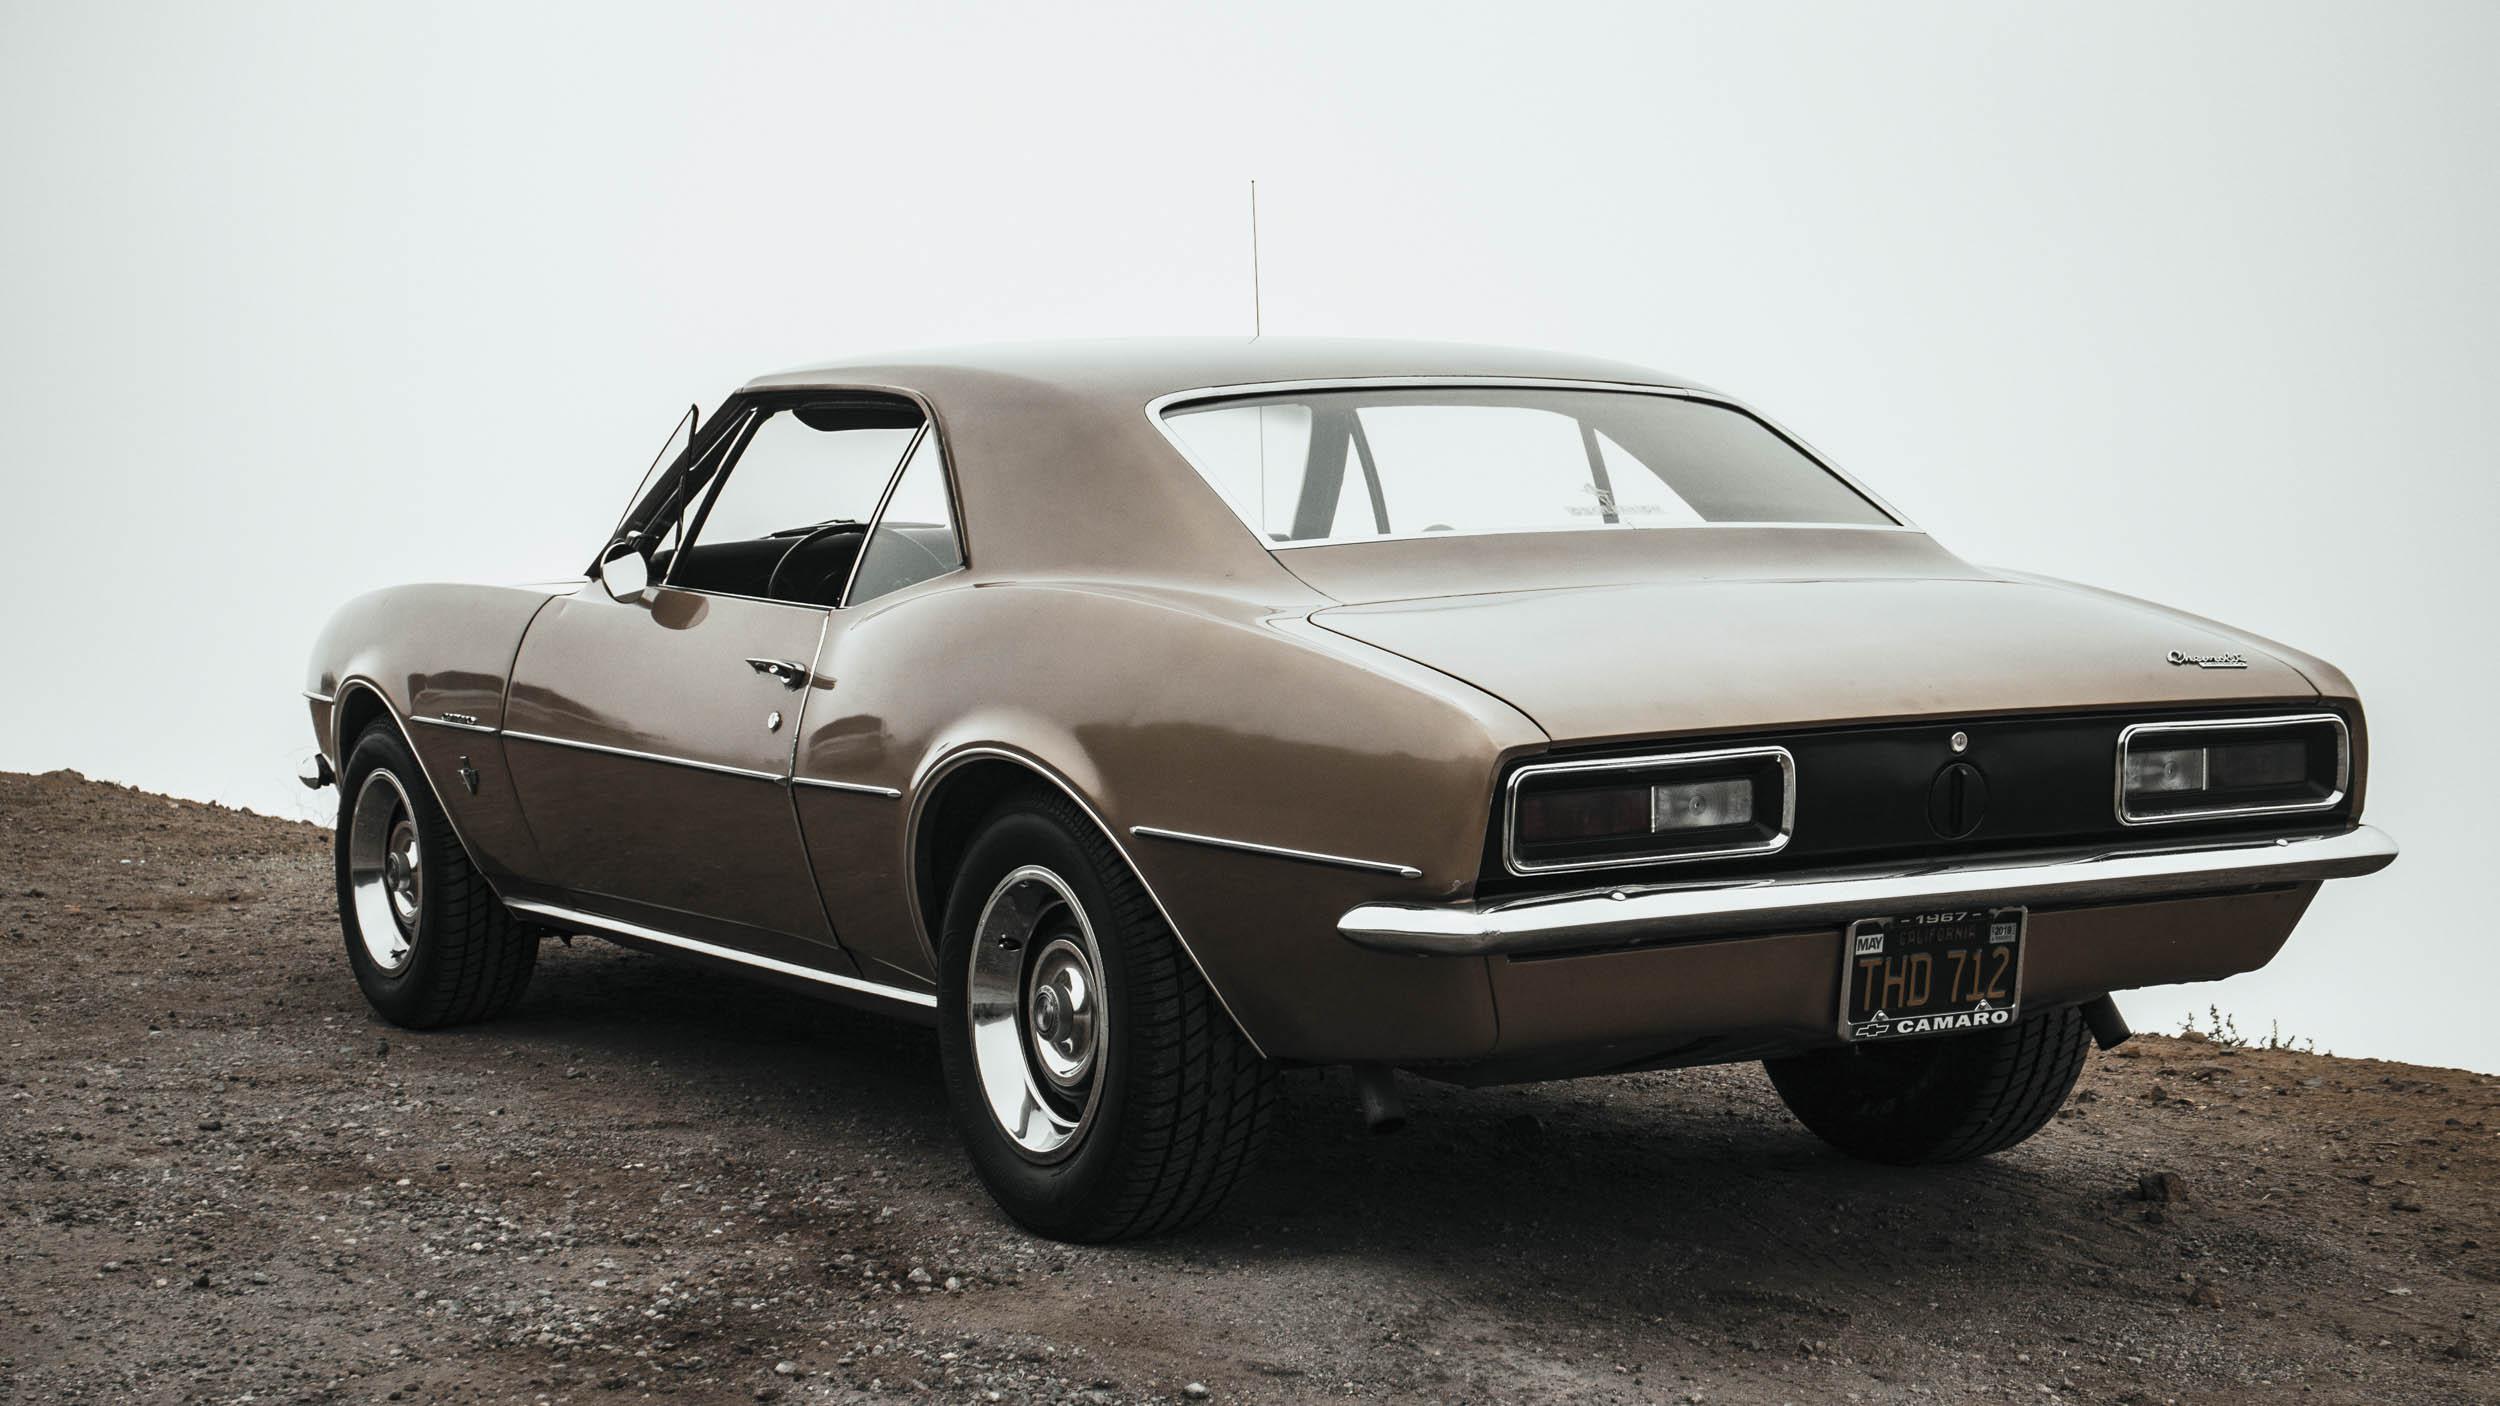 1967 Chevrolet Camaro rear 3/4